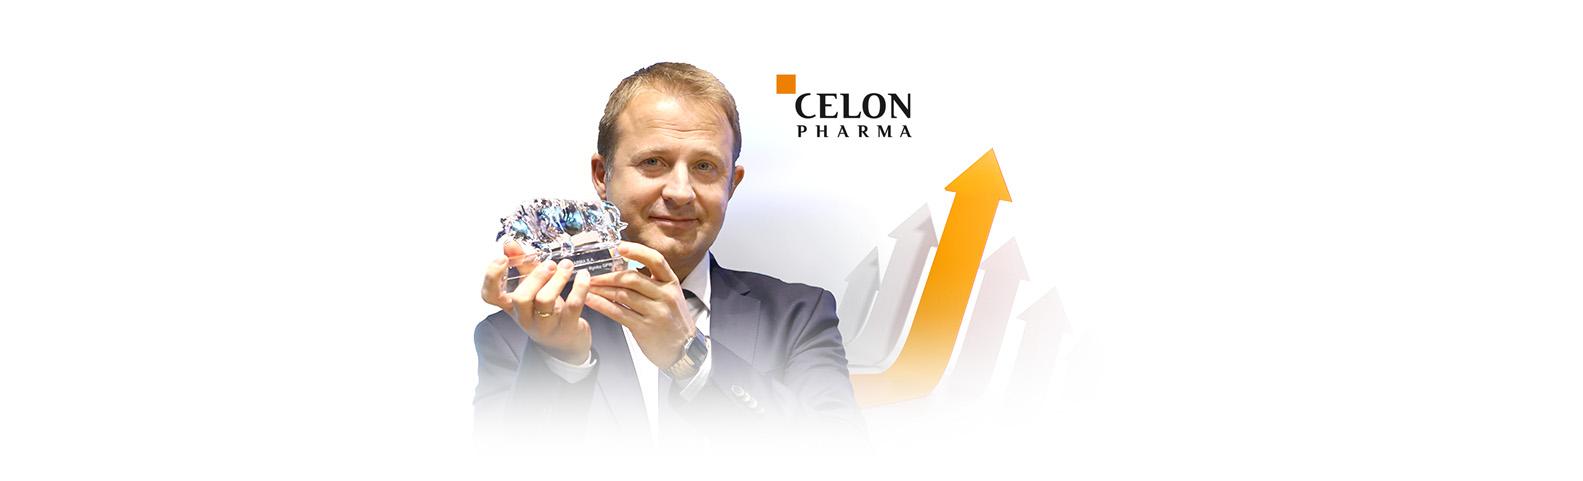 Celon Pharma S.A